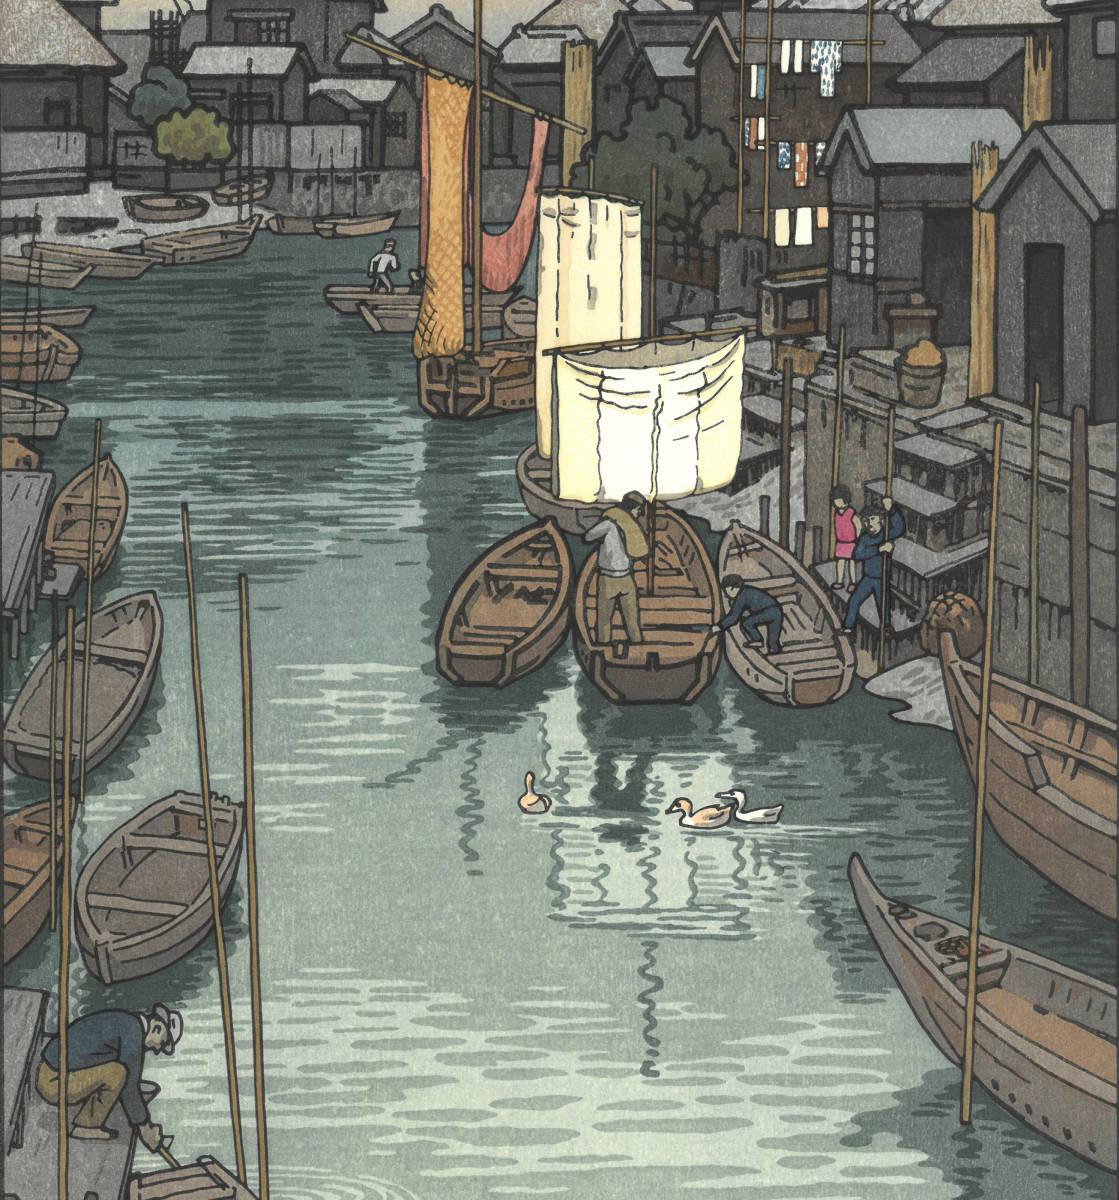 吉田遠志 木版画  015101 浦安 (Urayasu)  初摺1951年    最高峰の摺師の技をご堪能下さい!!_画像7